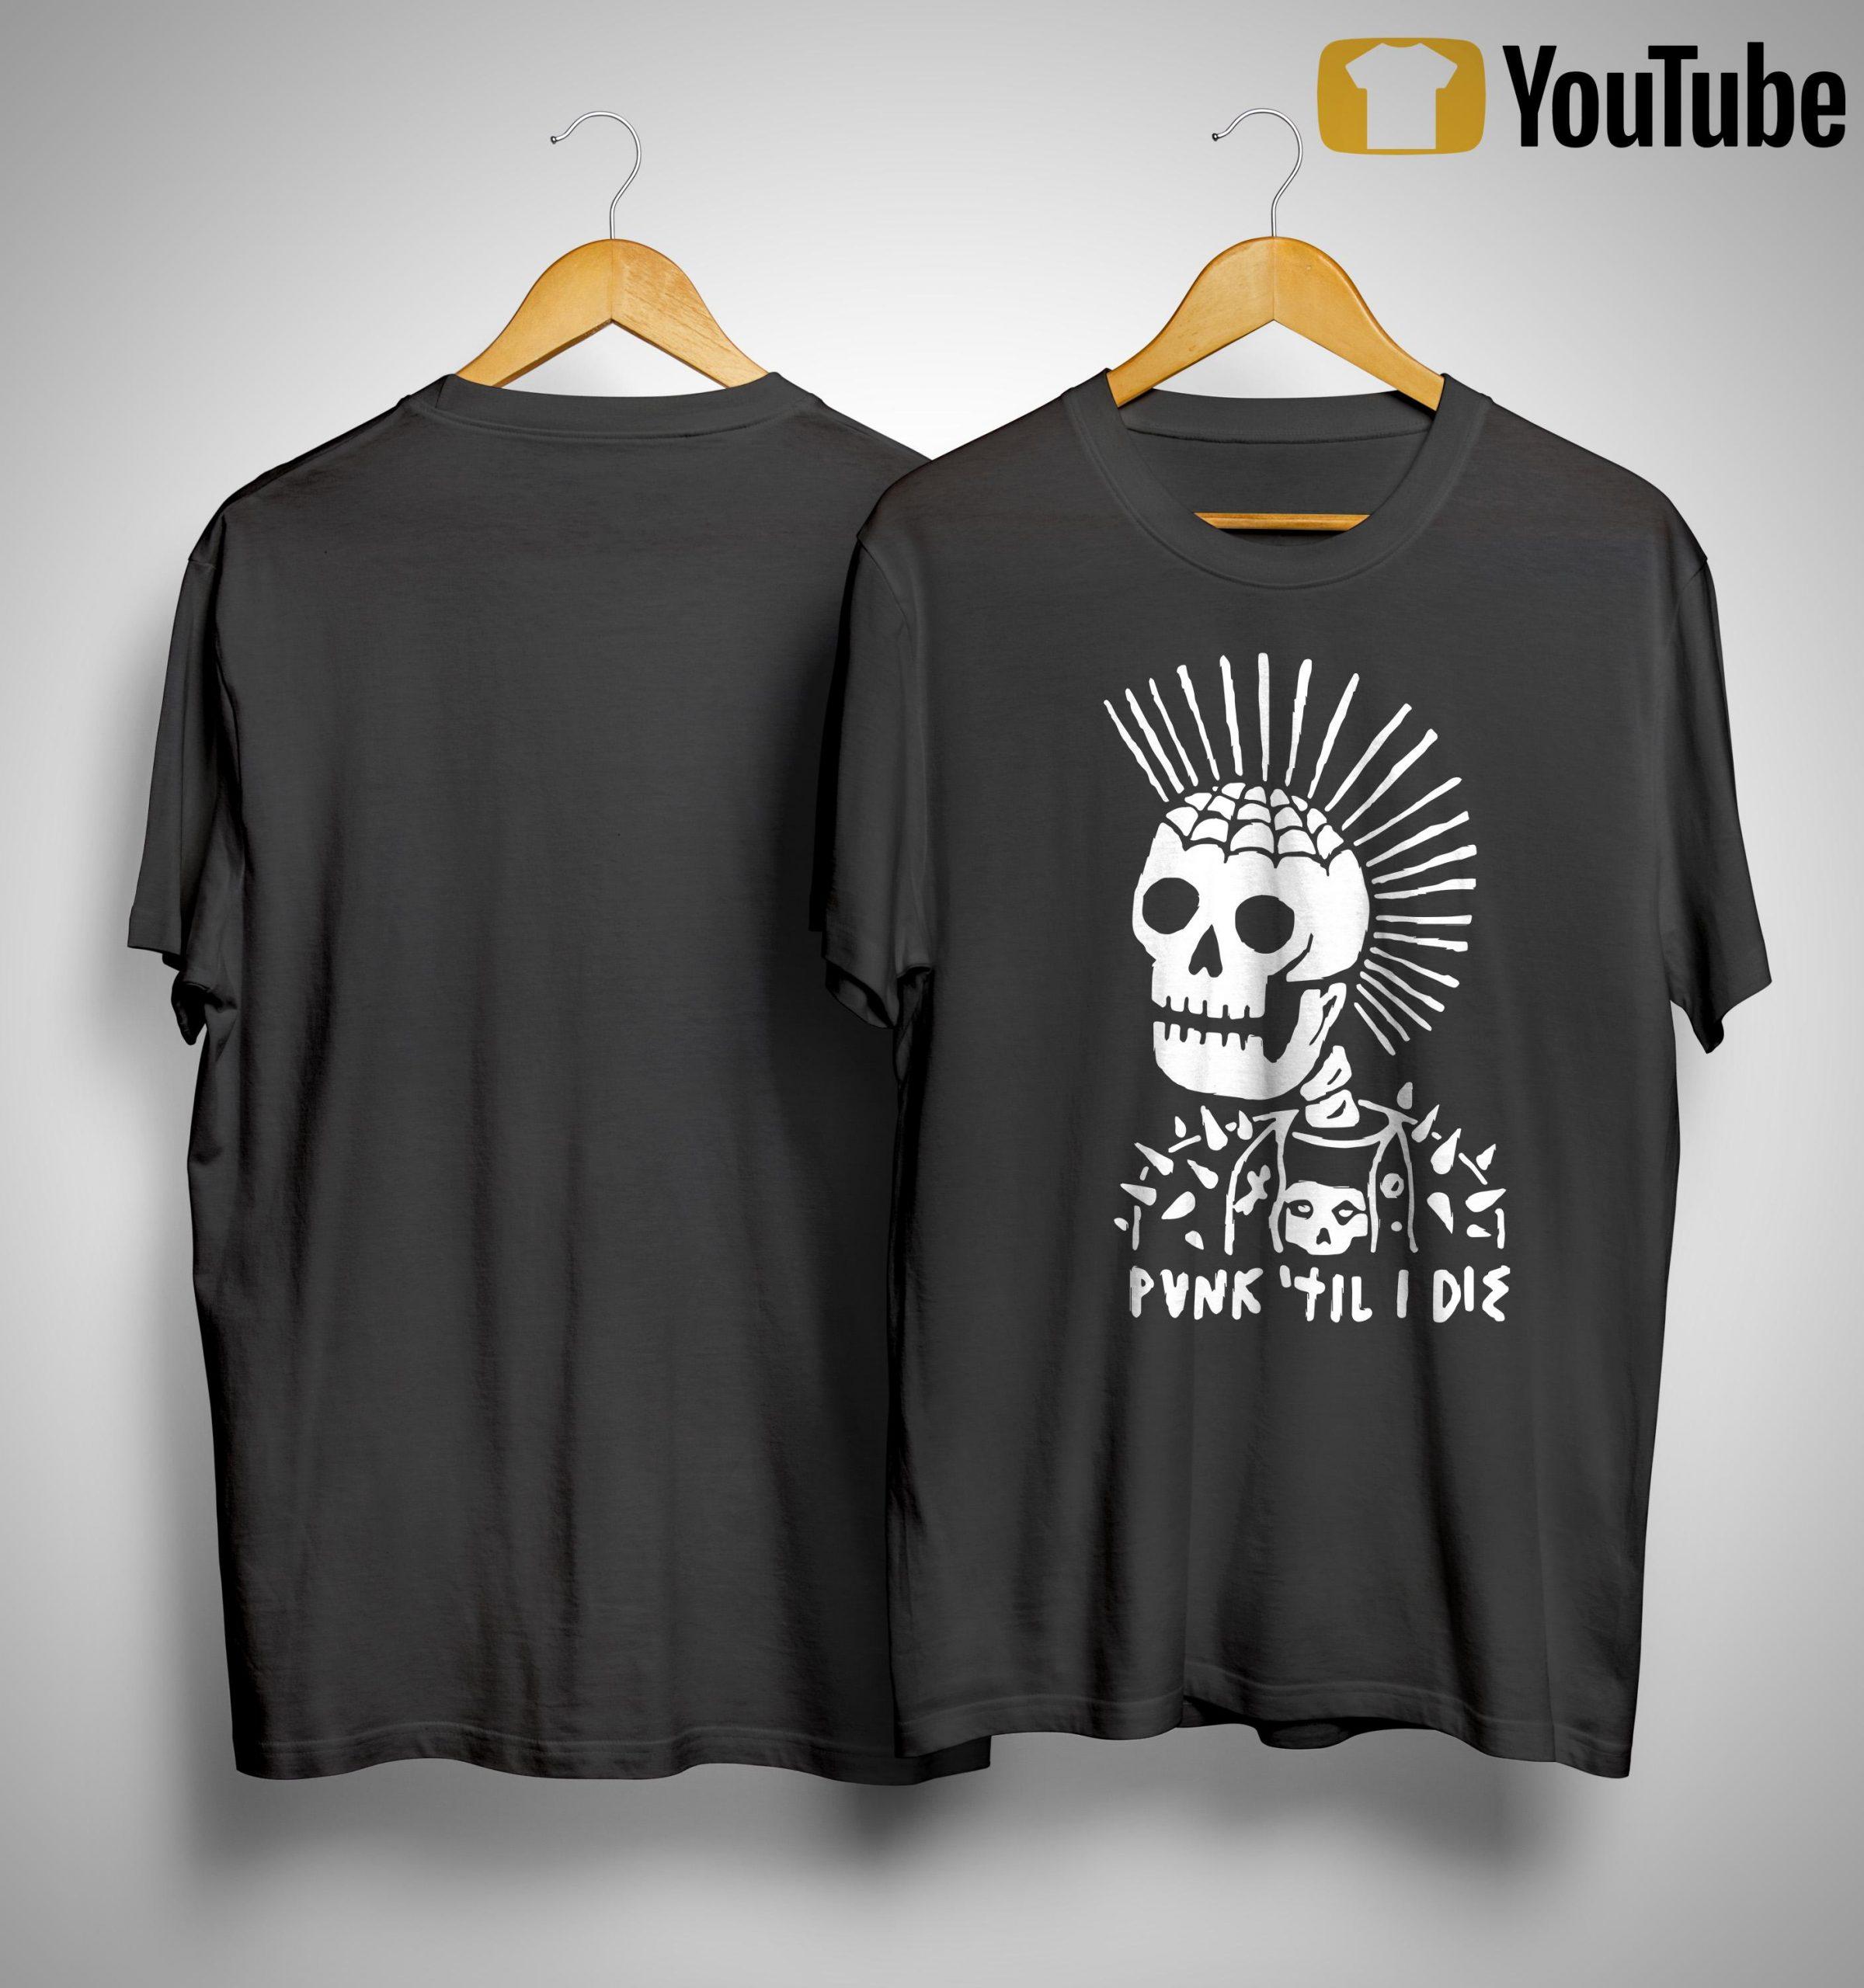 Skeleton Punk Til I Die Shirt